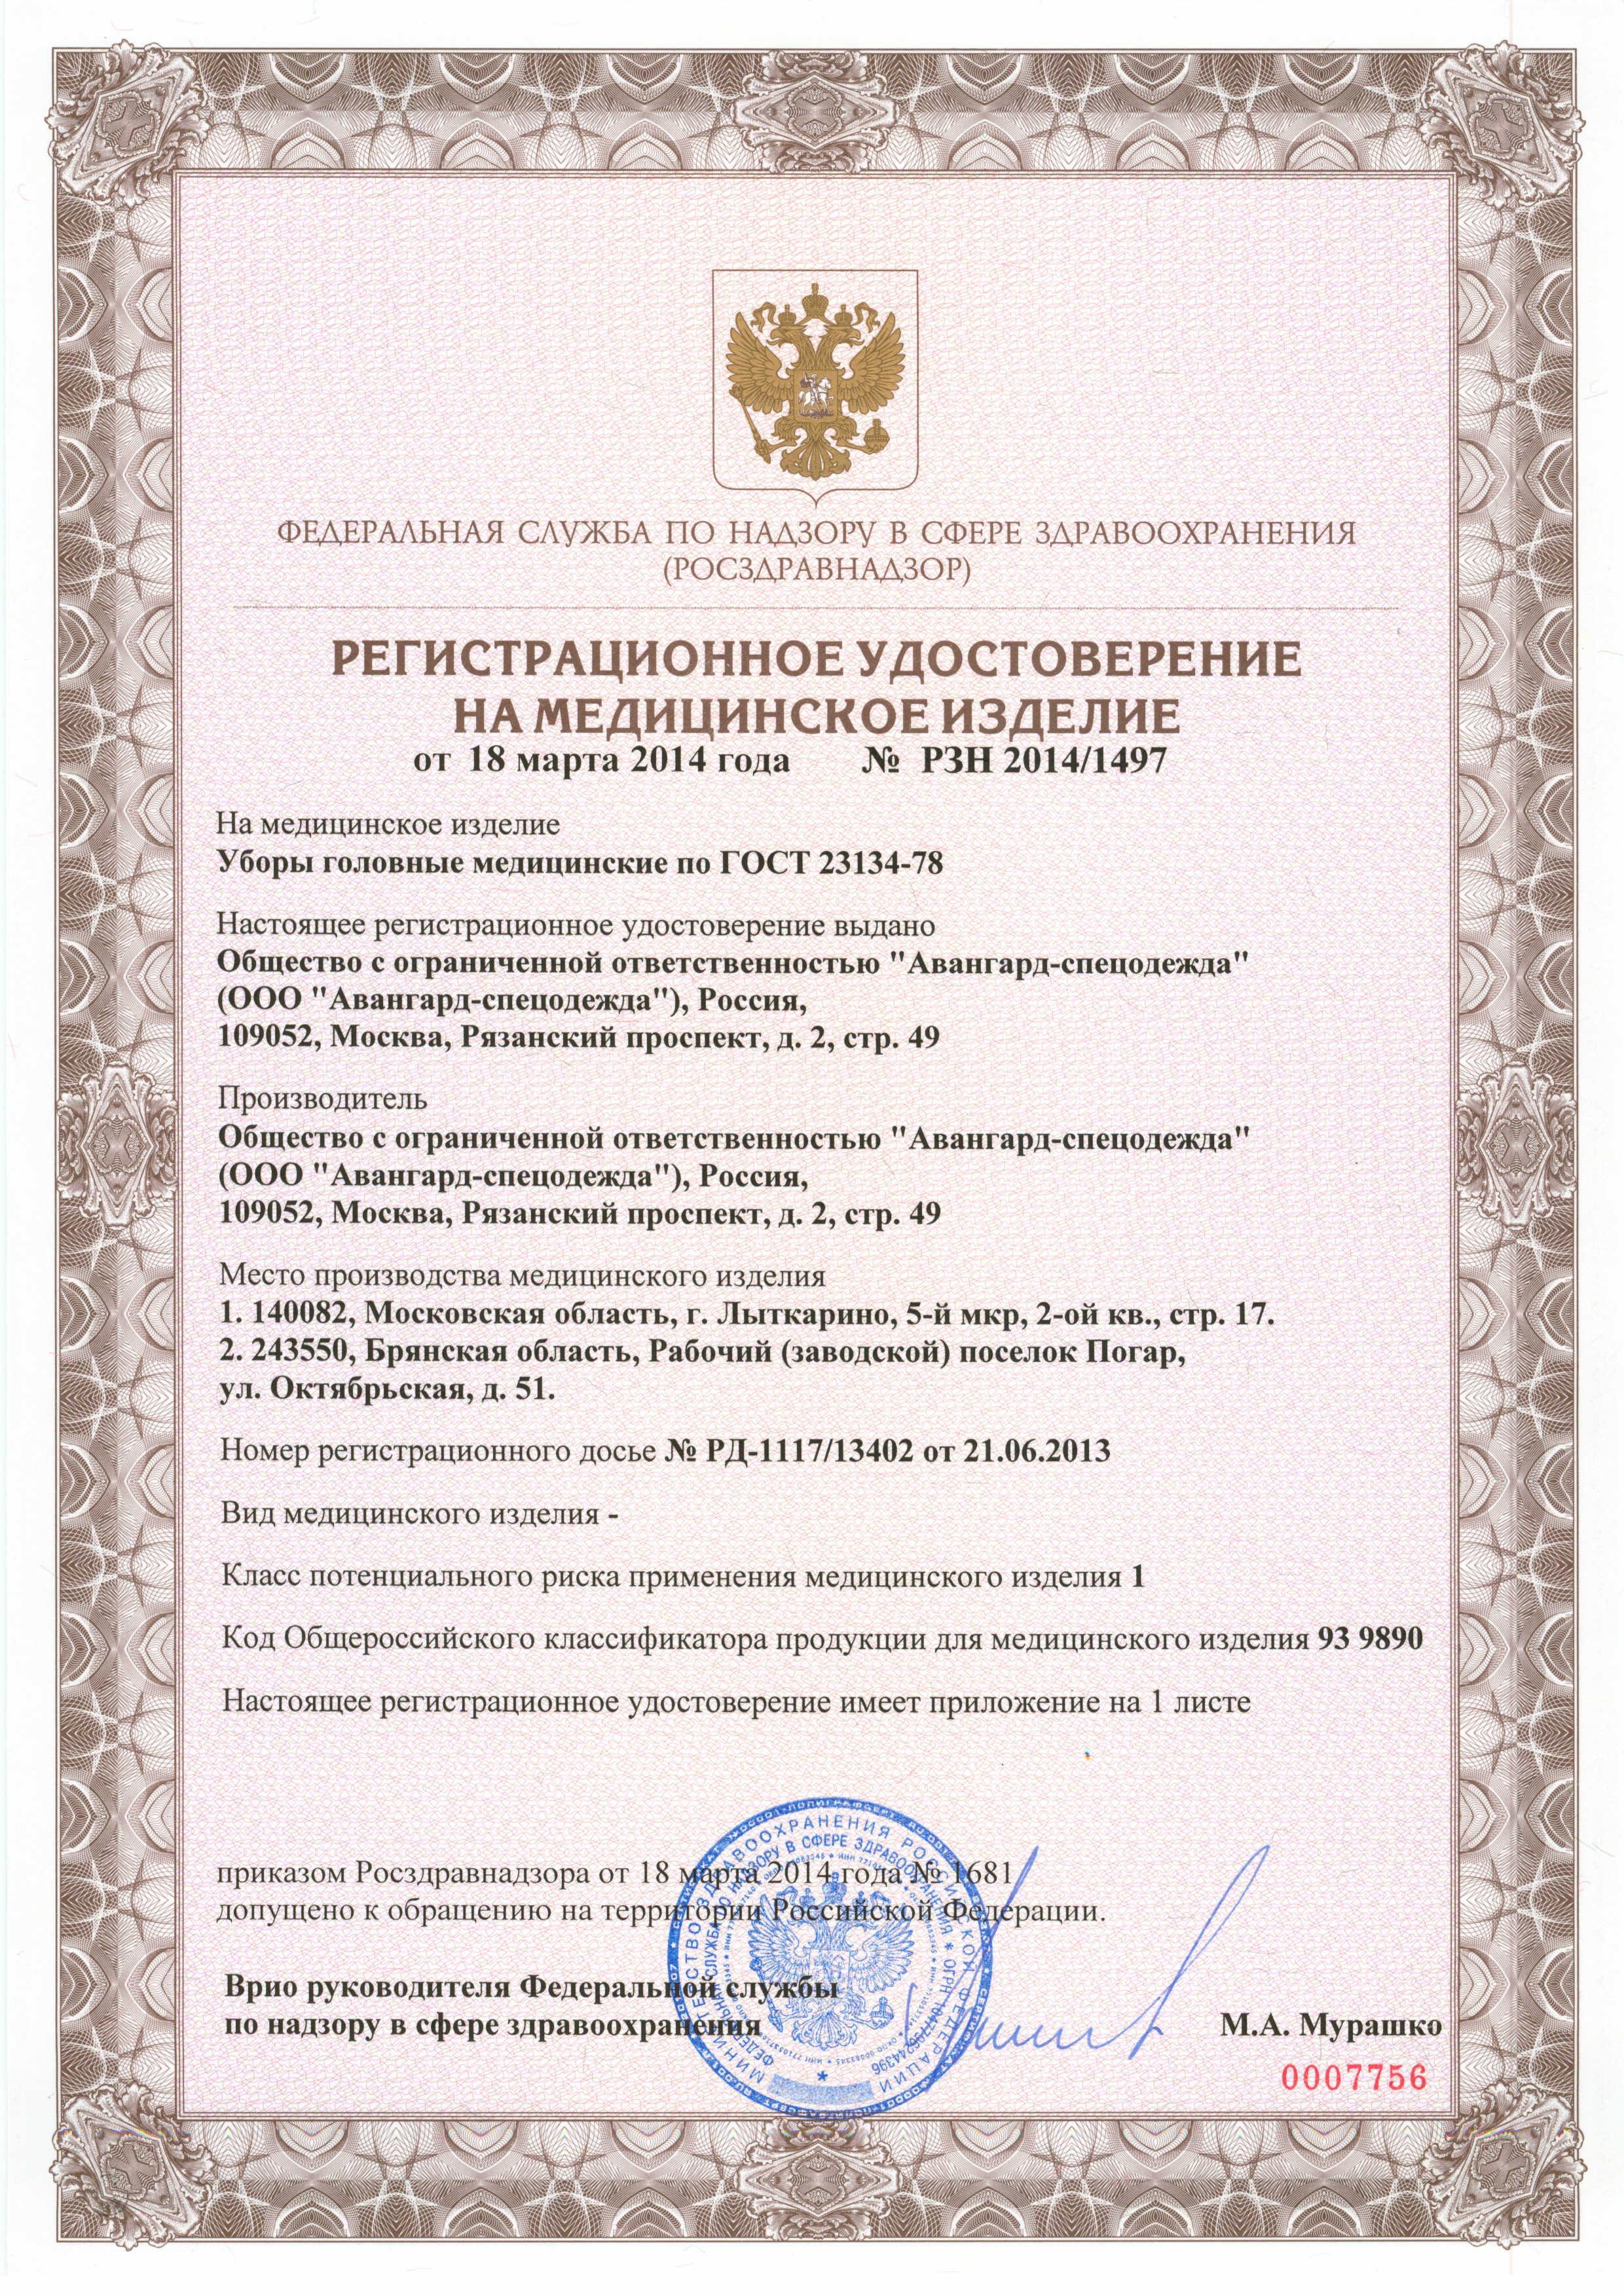 Сертификат гост 17-635-87 ос мосстройсертификация